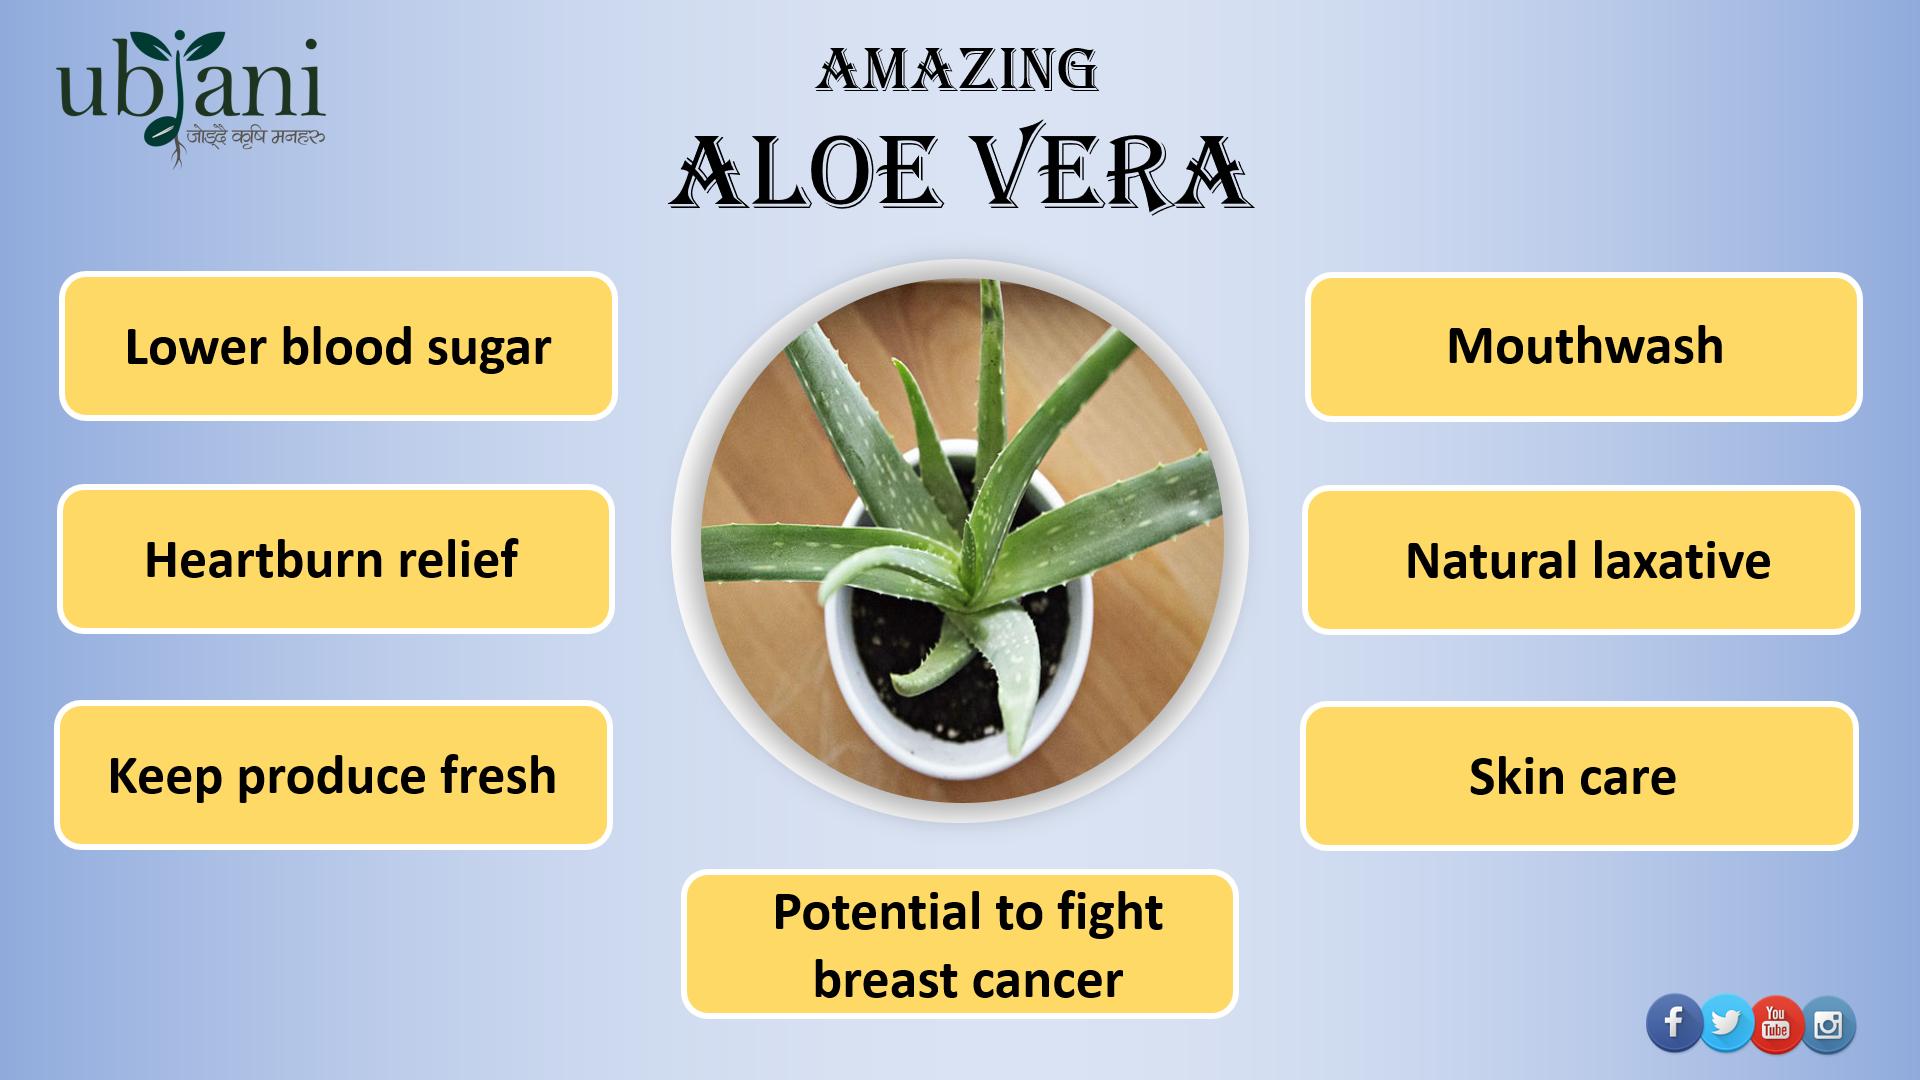 Amazing Aloe Vera